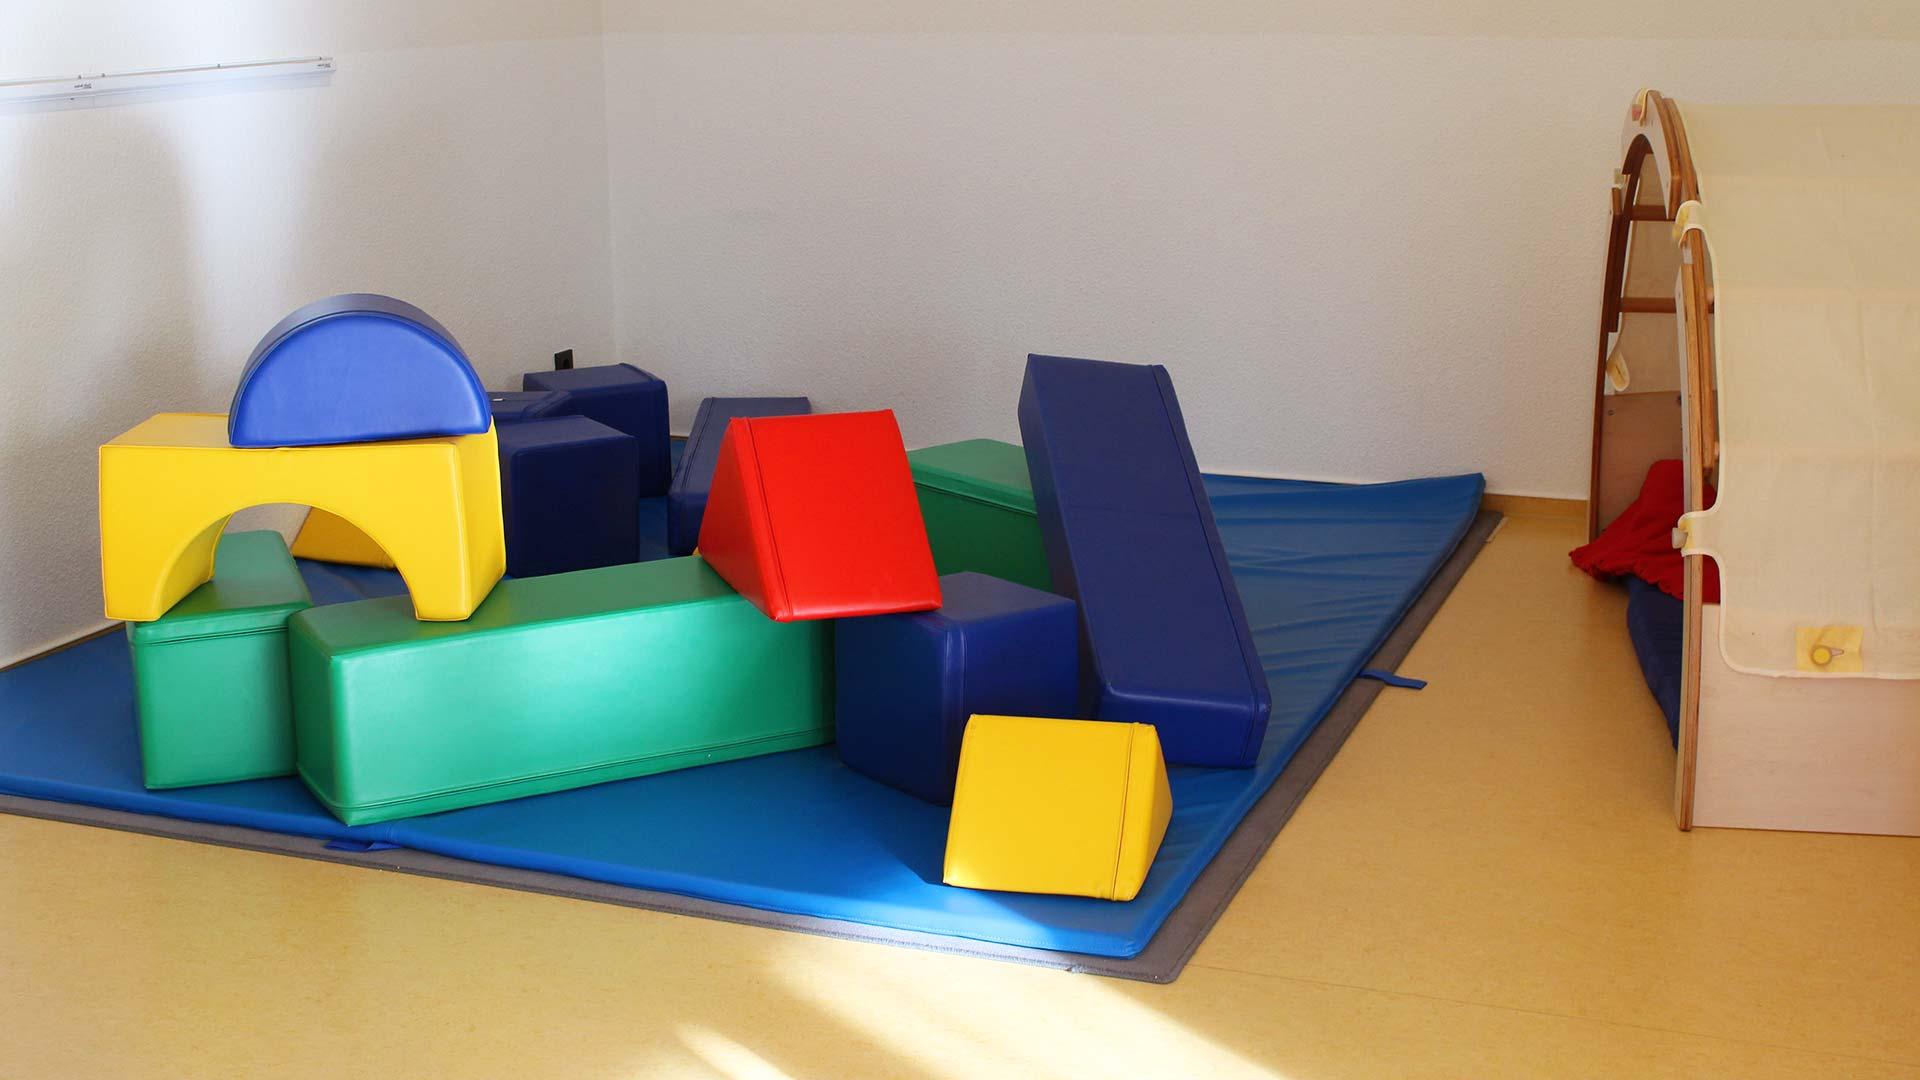 Turnbereich bzw. Tobeecke mit Matte auf dem Boden und übergroßen Bauklötzen aus Schaumstoff